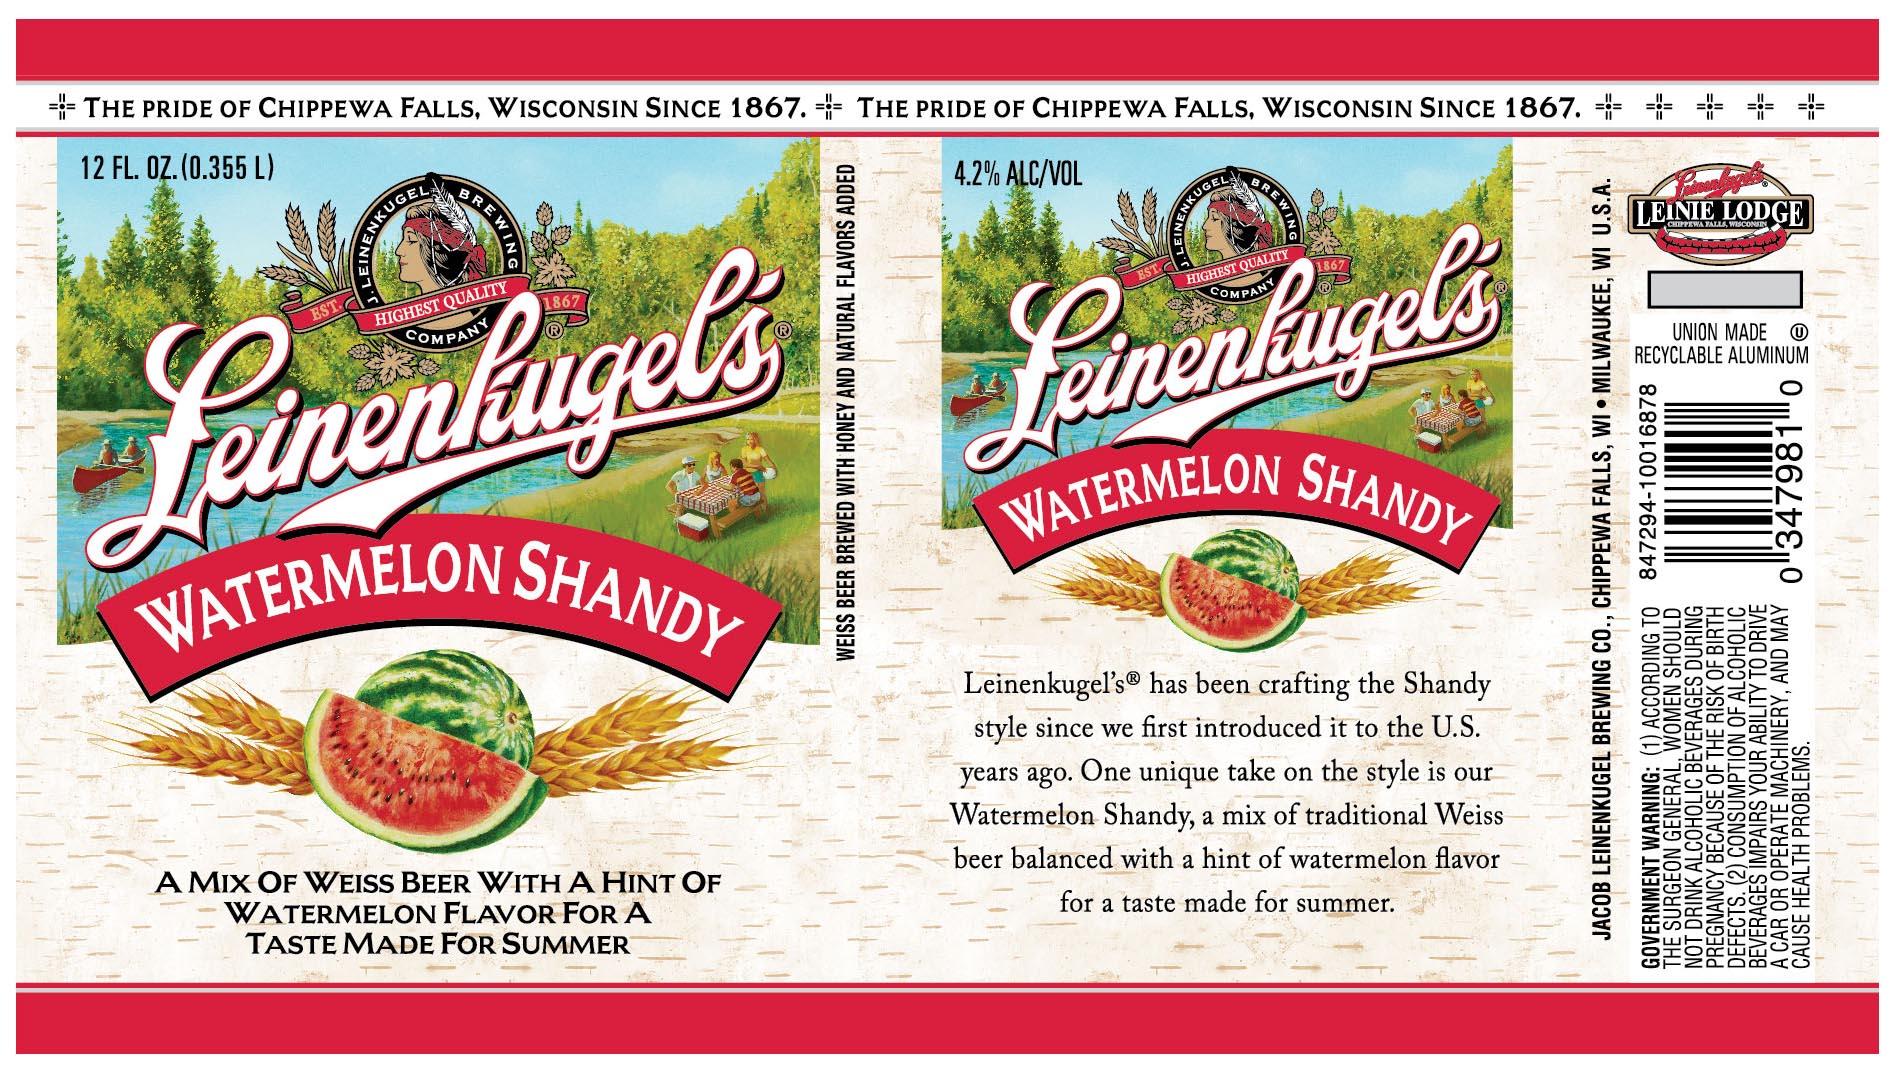 Where to buy leinenkugel s grapefruit shandy - Leinenkugel Watermelon Shandy To Join Extensive Lineup Beer Street Journal